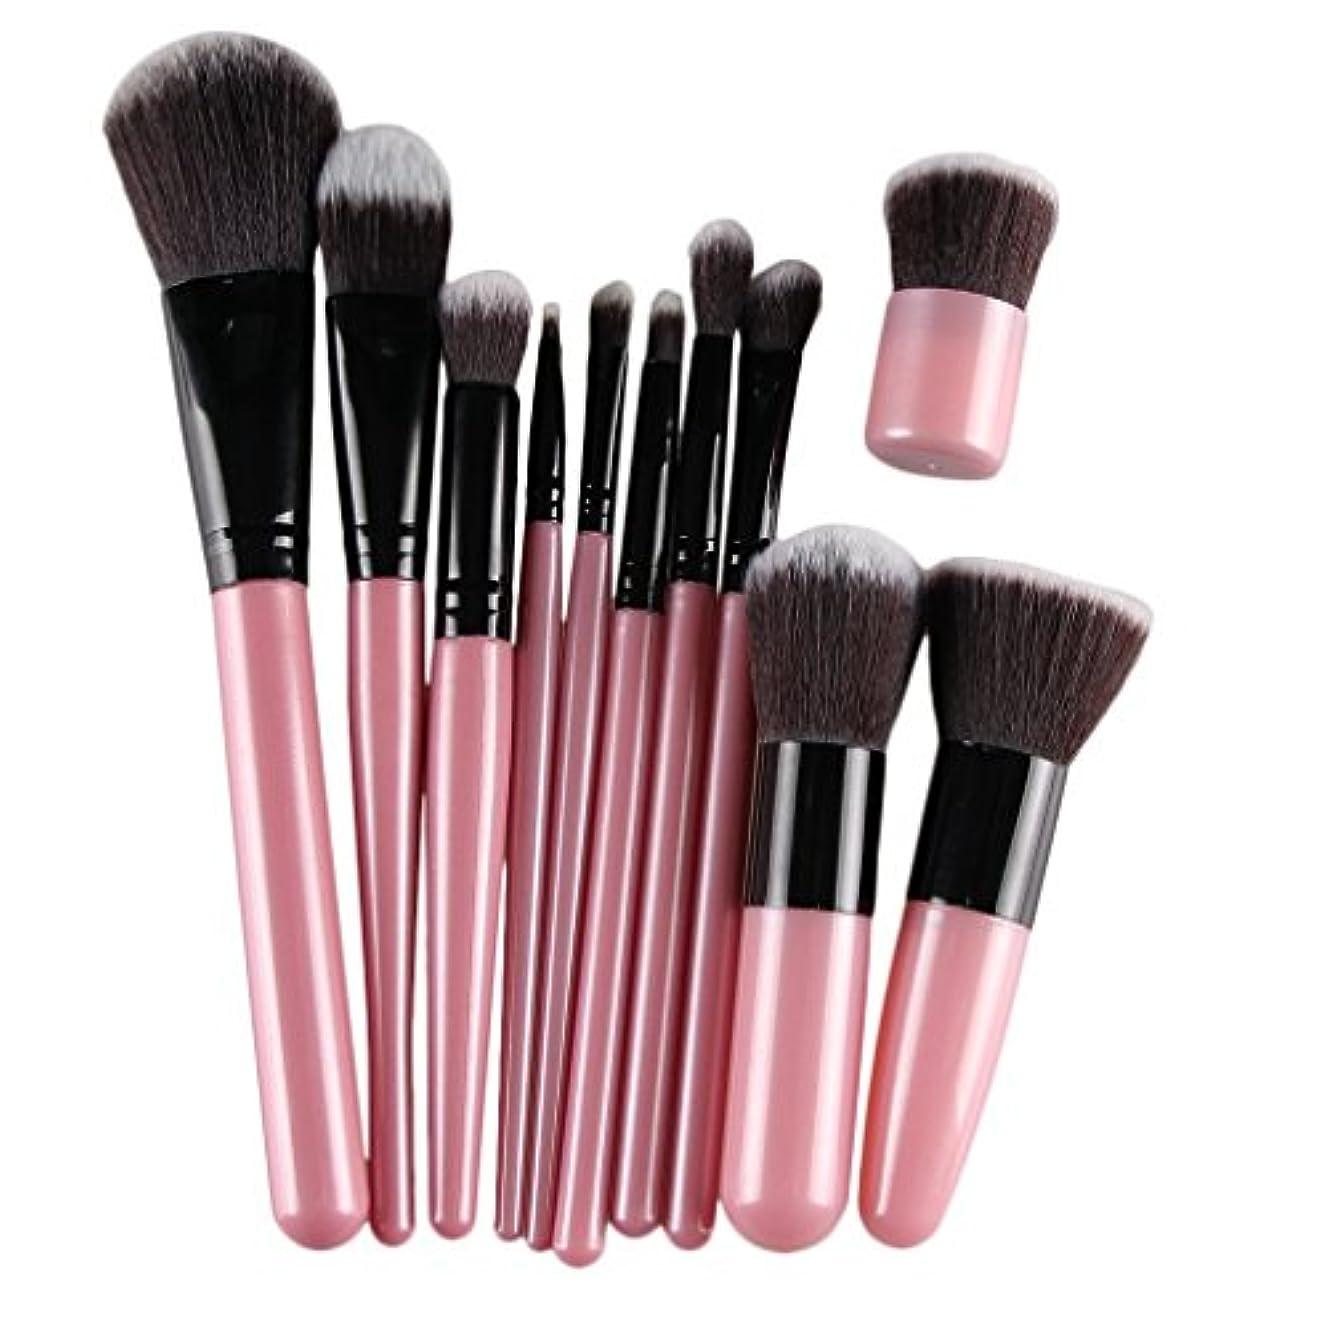 大学院排除ファランクス11Pcsプロフェッショナルメイクアップ化粧品のソフトアイシャドウ財団コンシーラーブラシセットウッドは、ブラシ美容ツールのハンドル